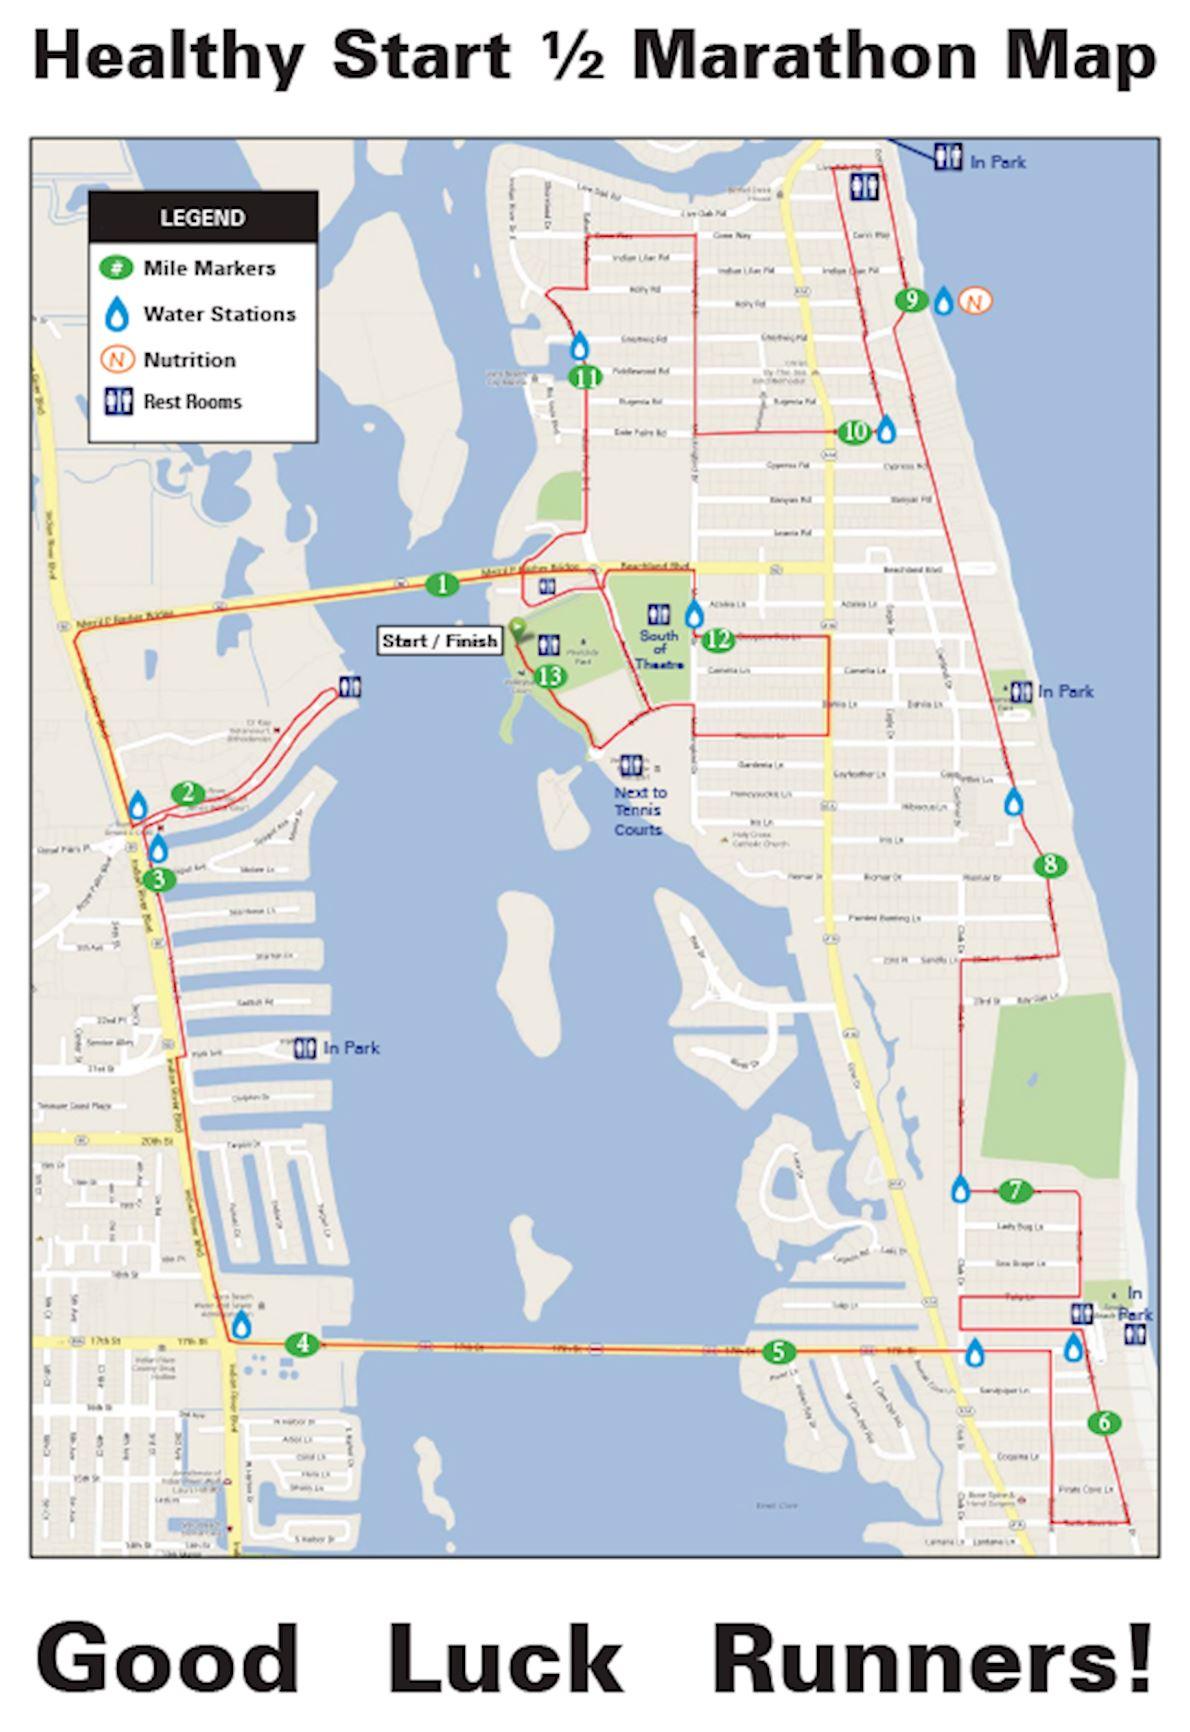 Beachside Half Marathon Mappa del percorso